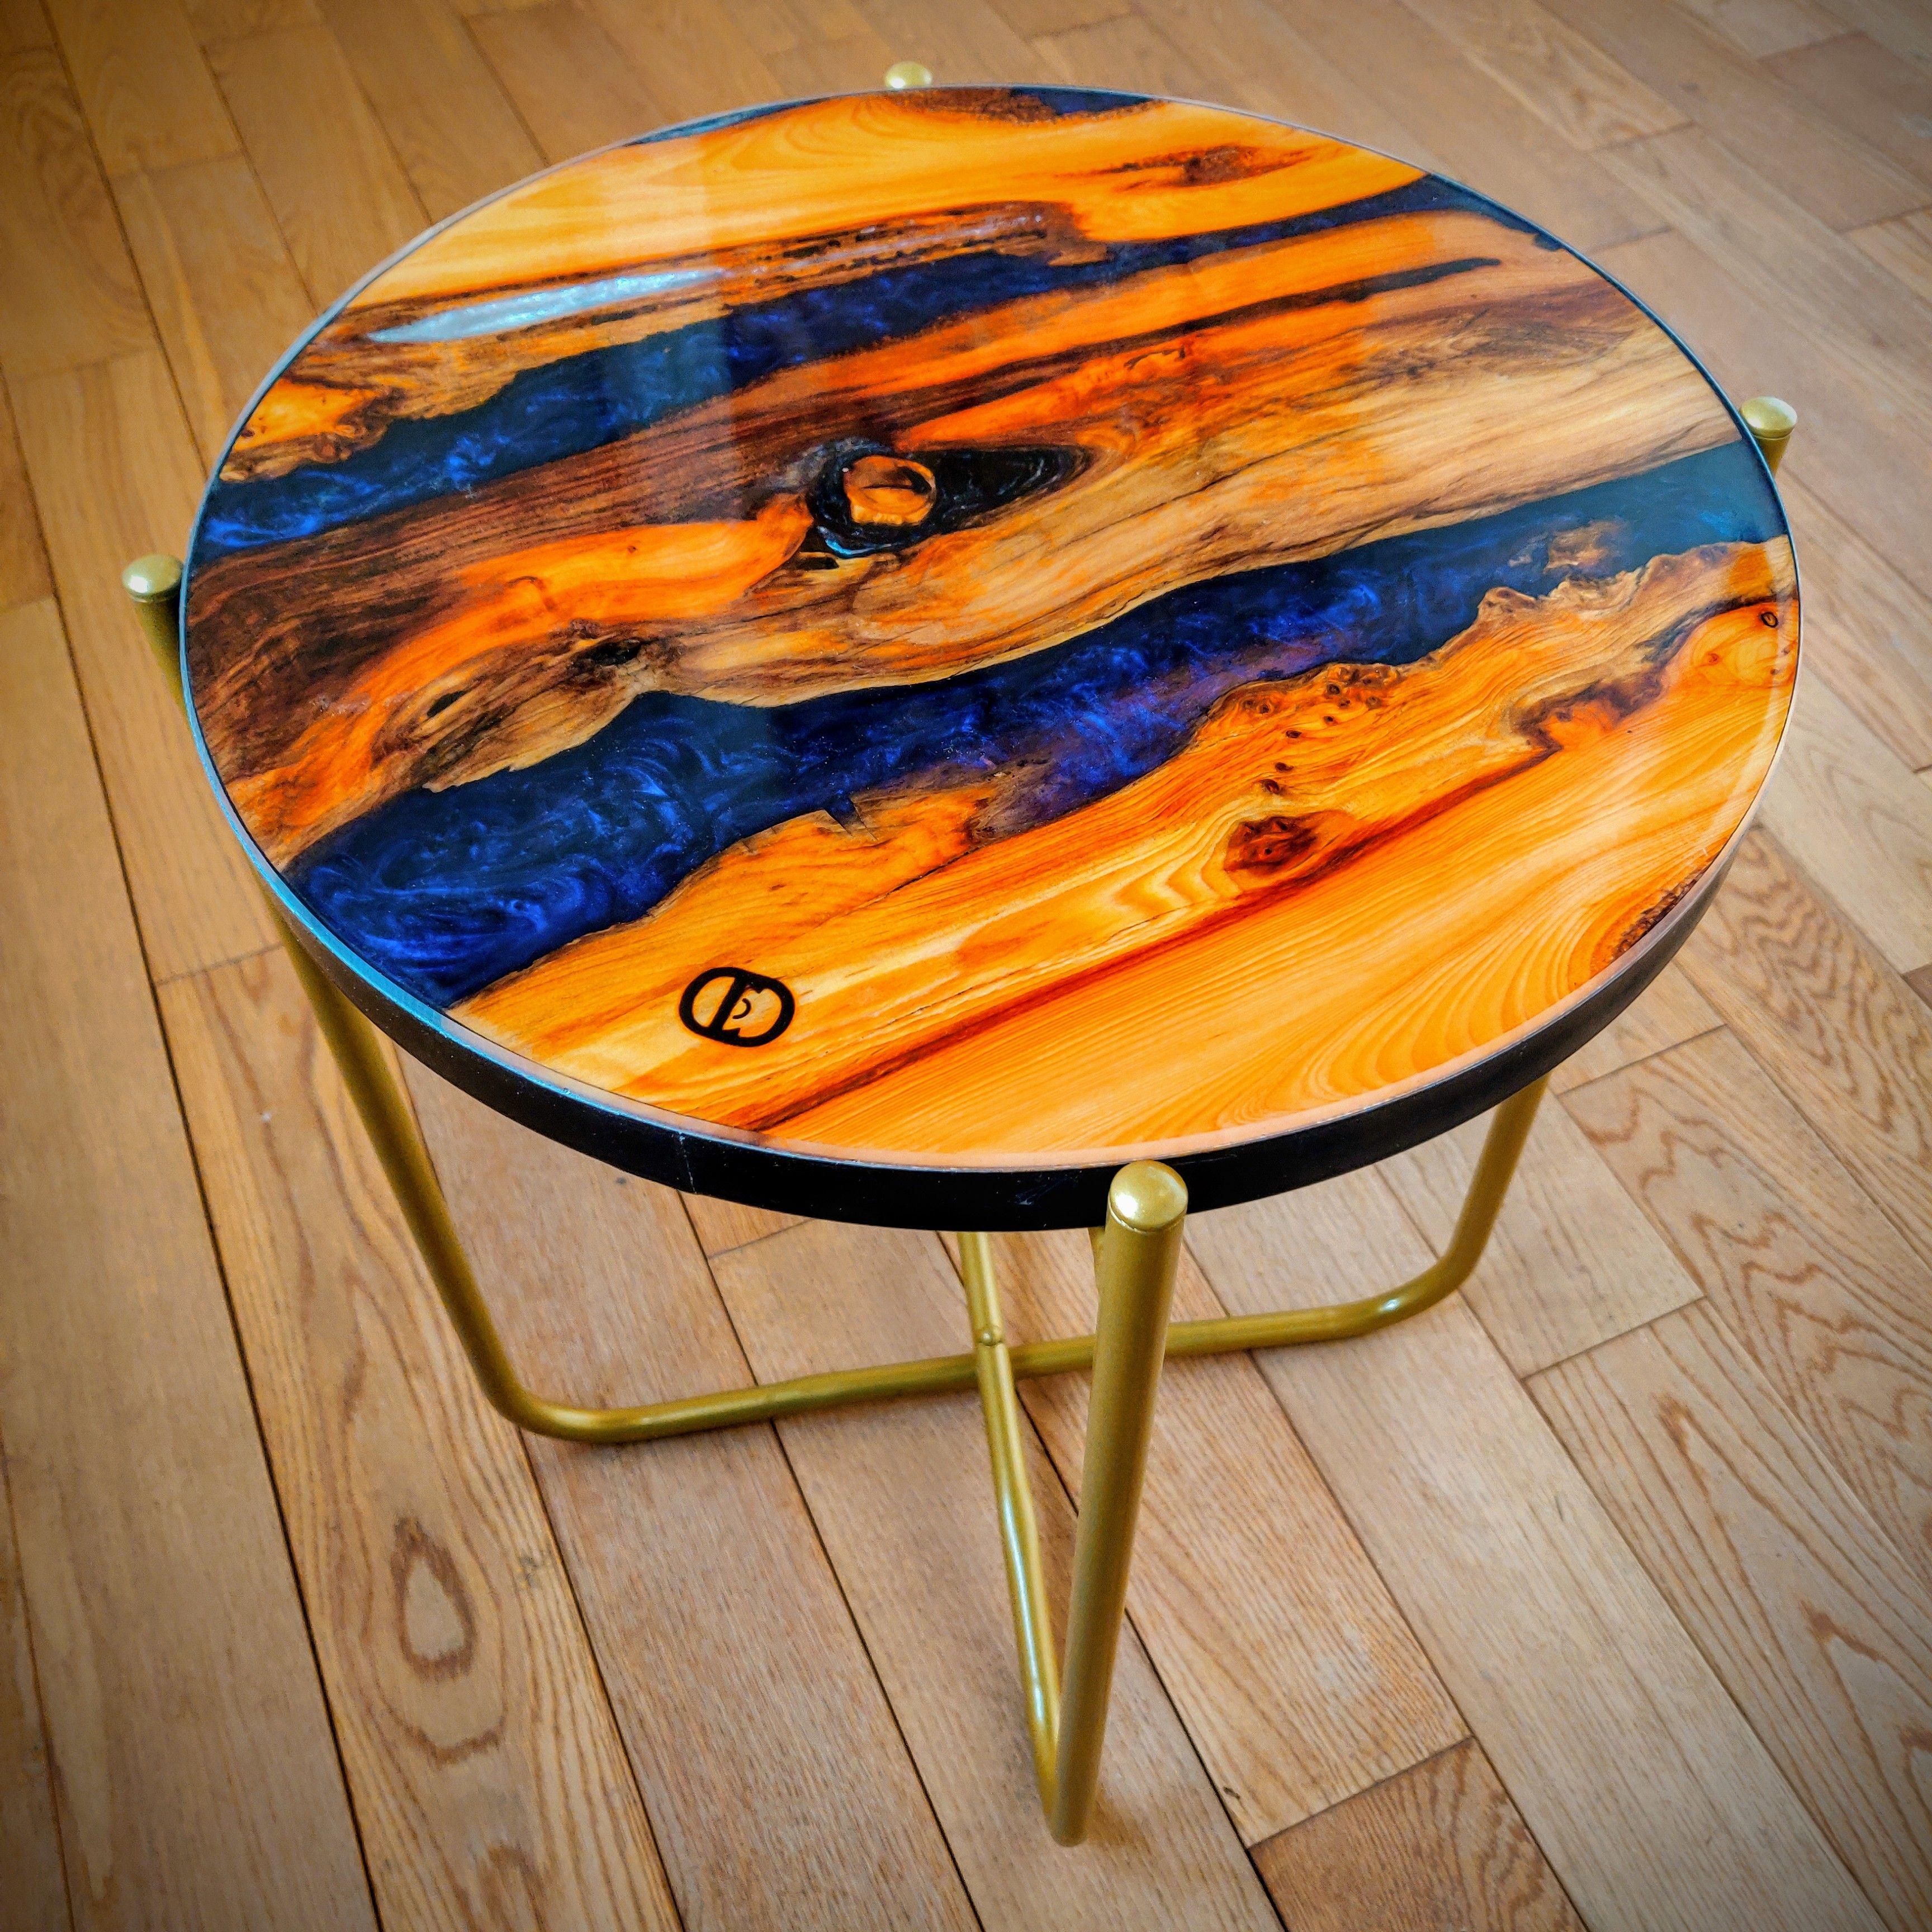 Petite table basse détournée  Table basse, Petite table basse, Table